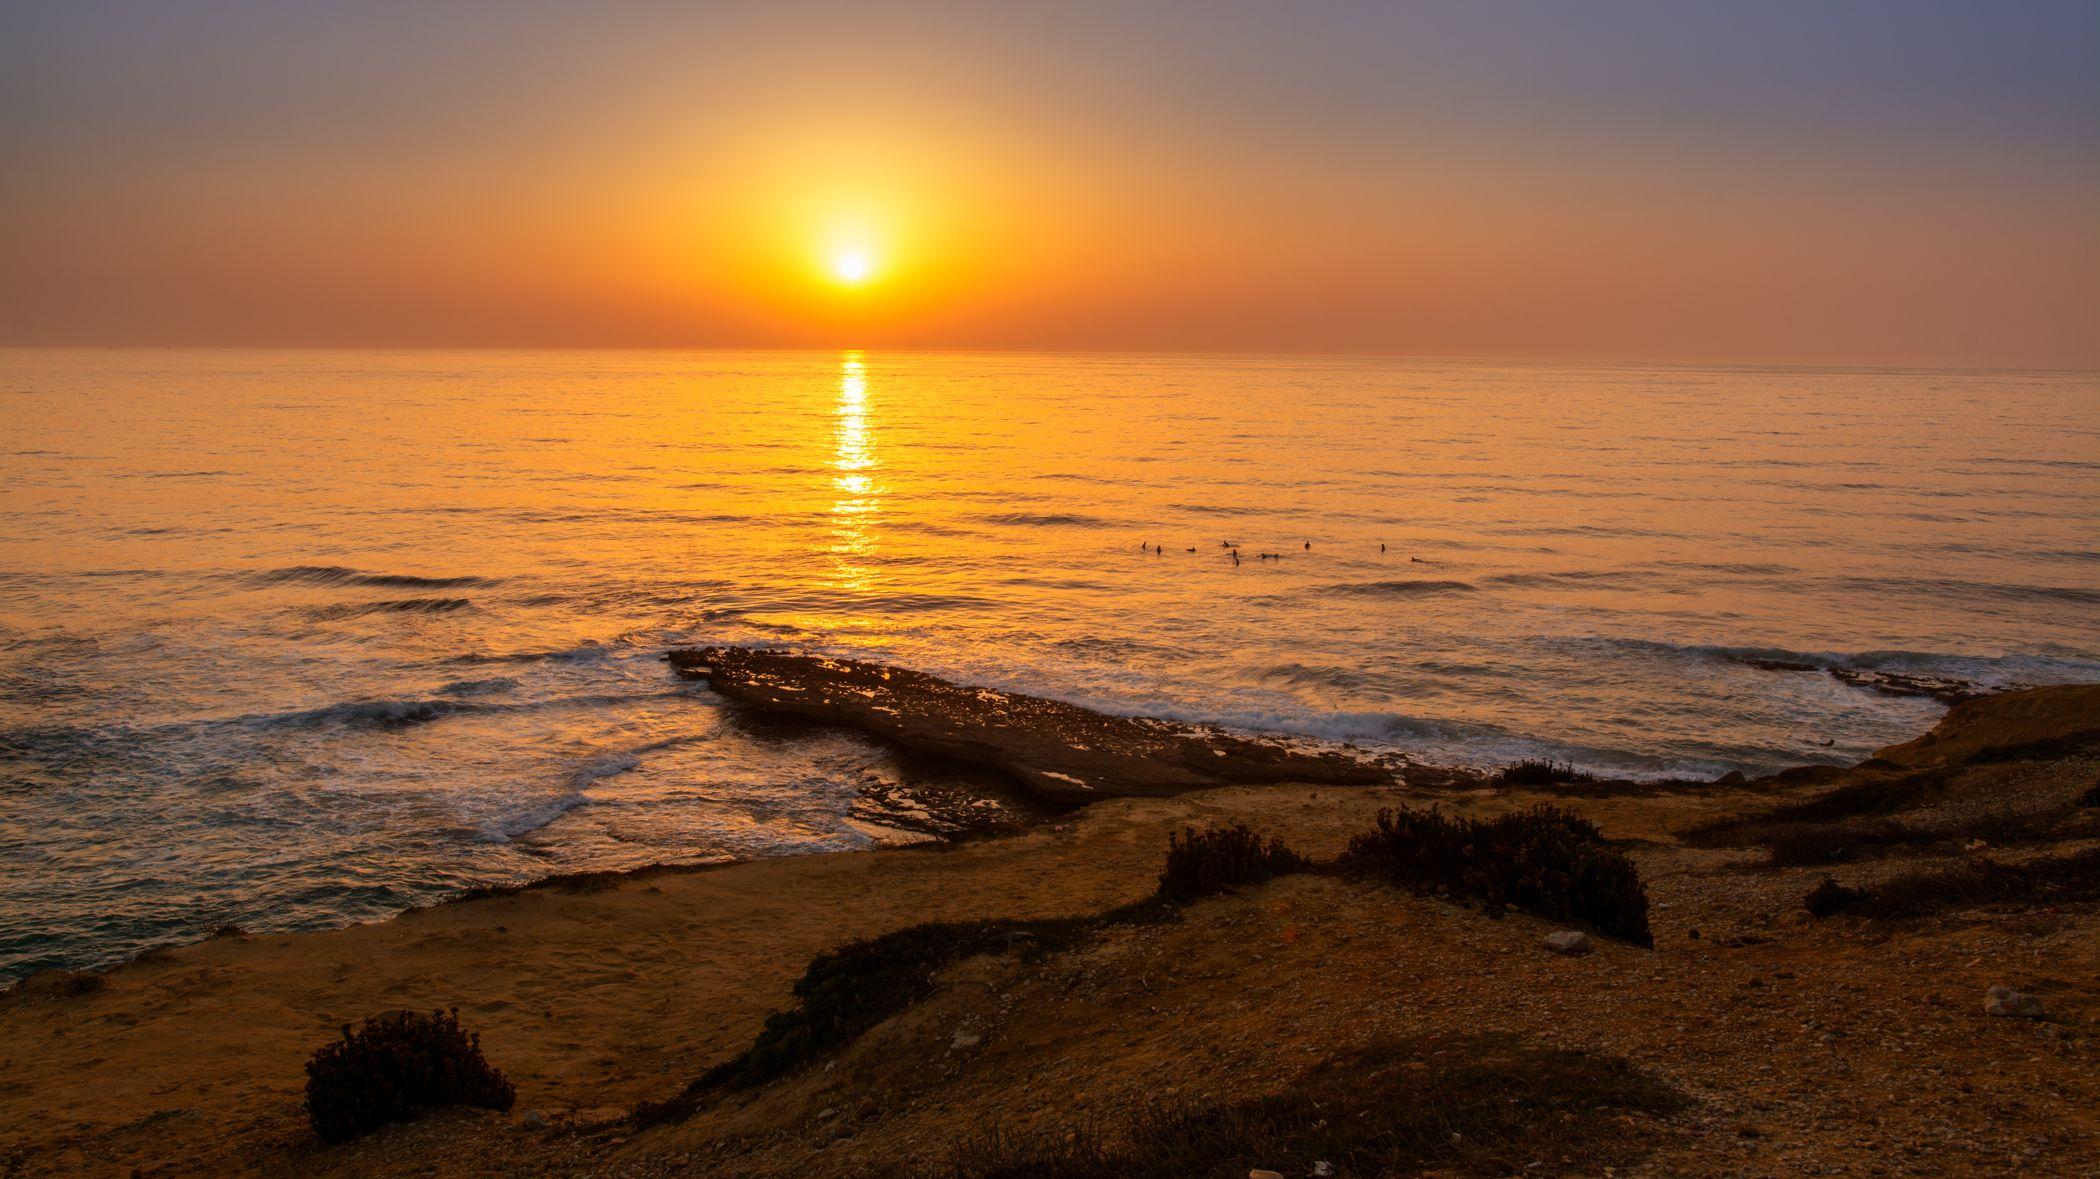 sunset-portugal.jpg